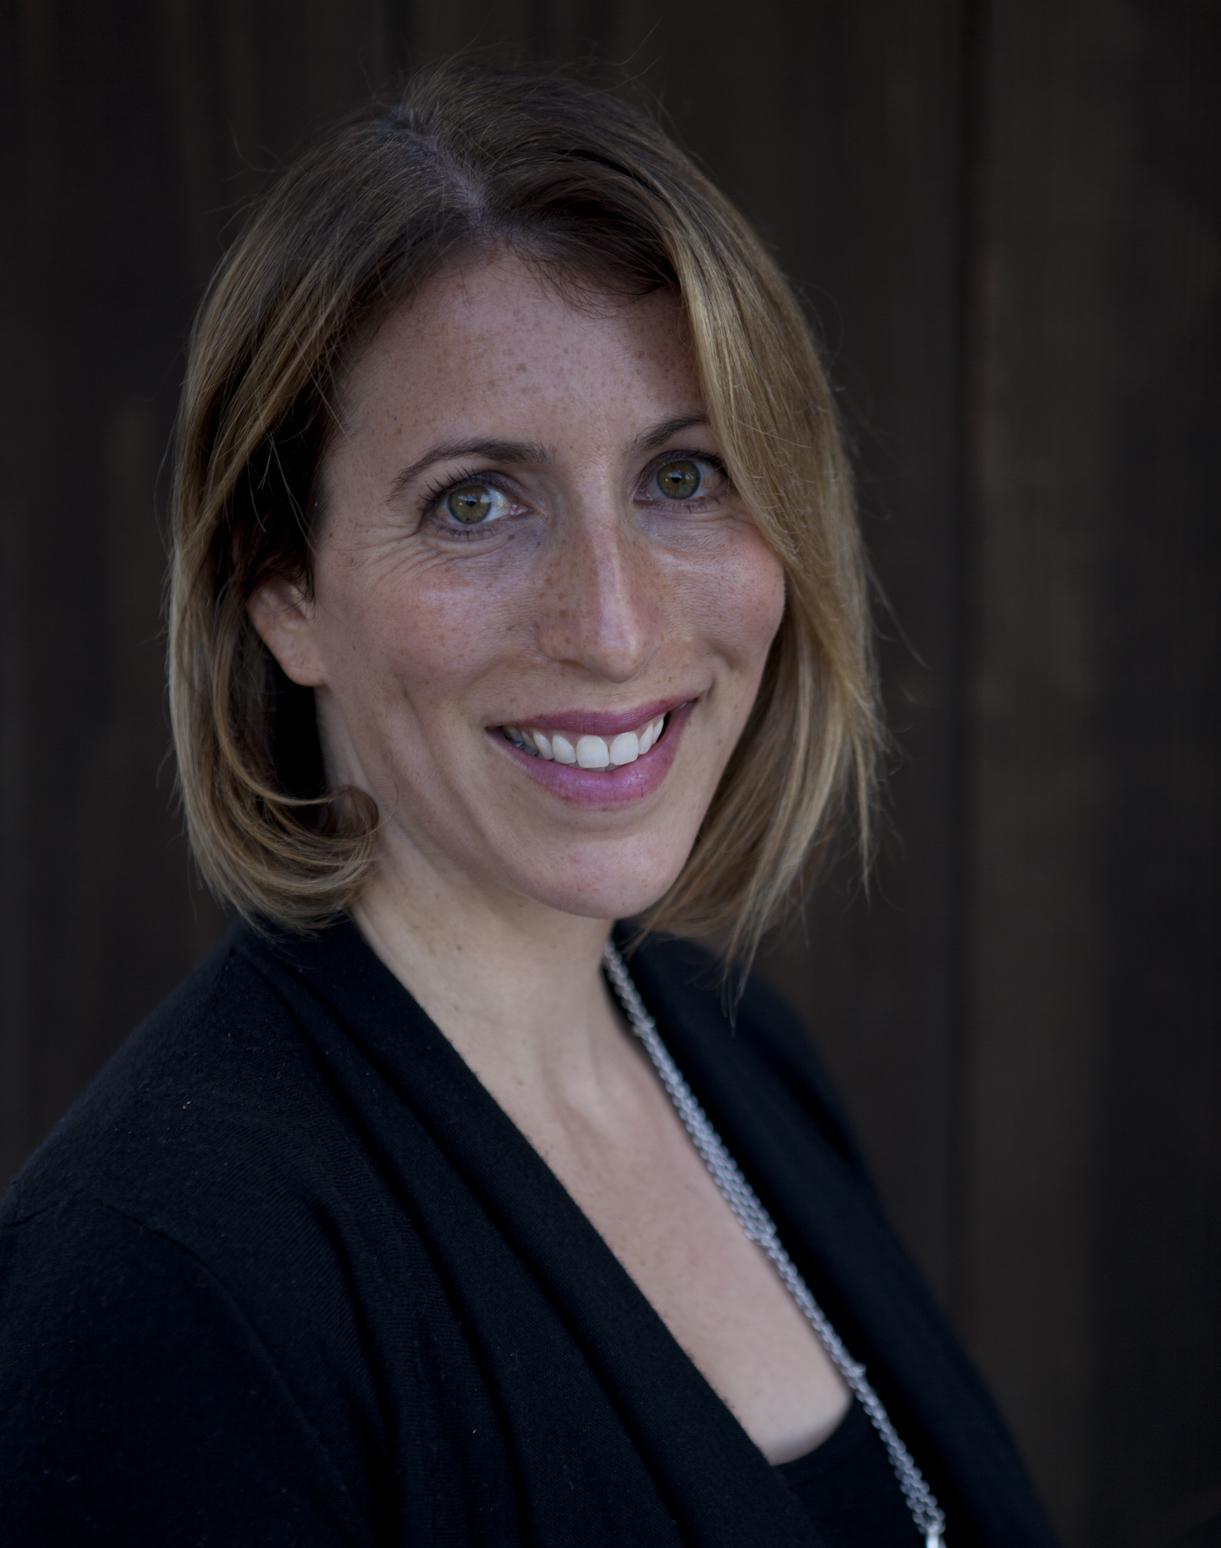 Jessica Kantor